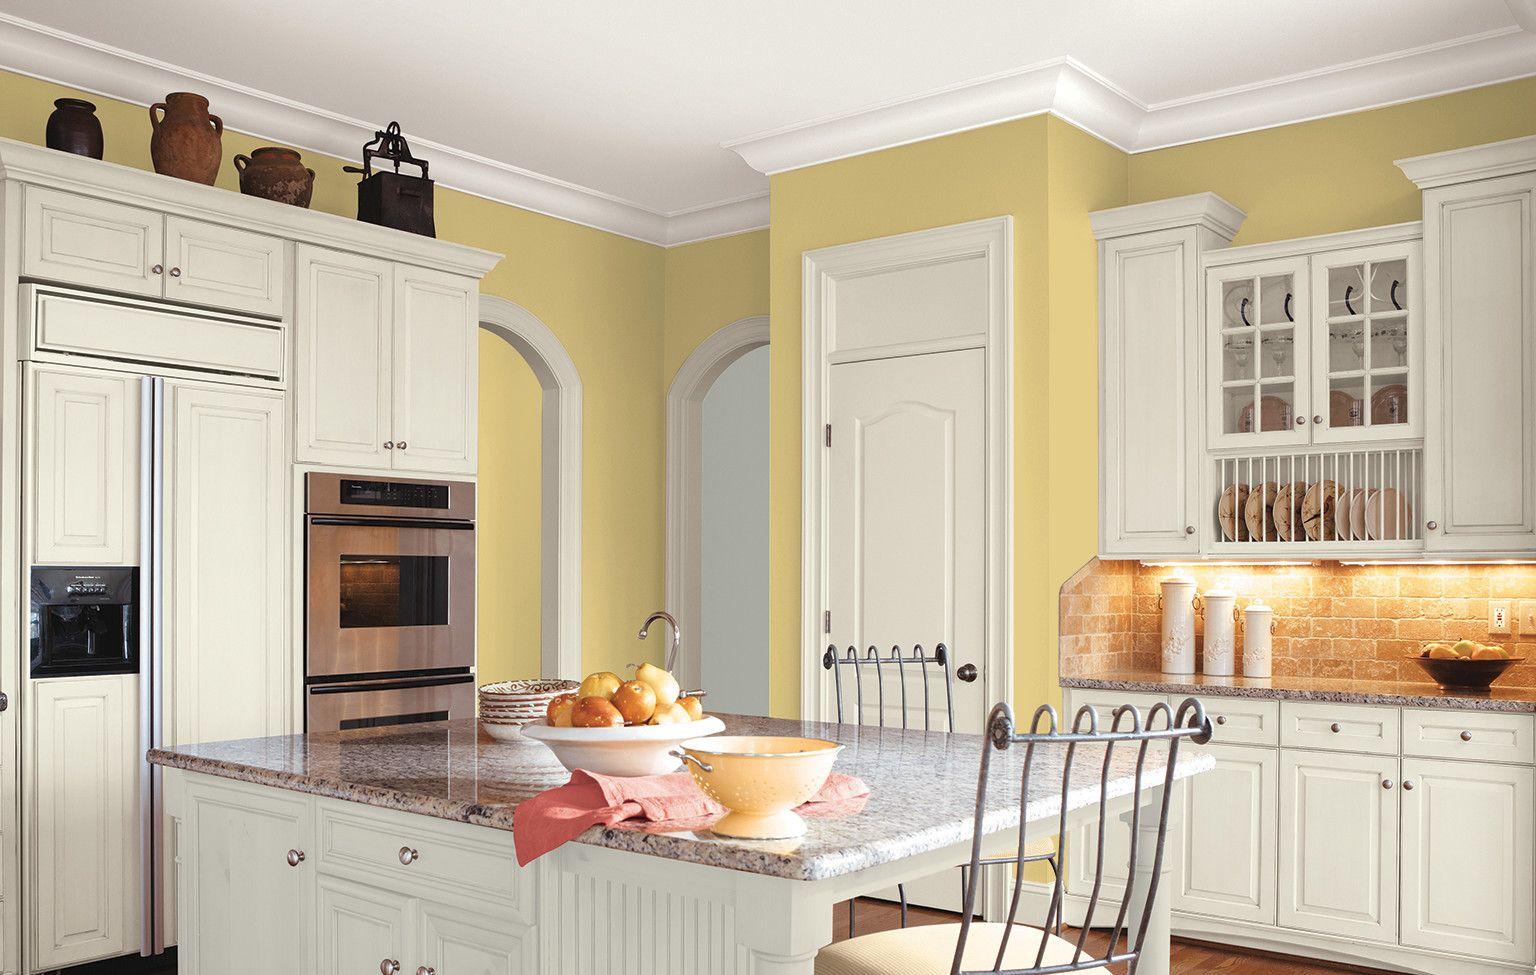 11 gelbe Küche Ideen, die Ihr Zuhause aufhellen werden | Kitchens